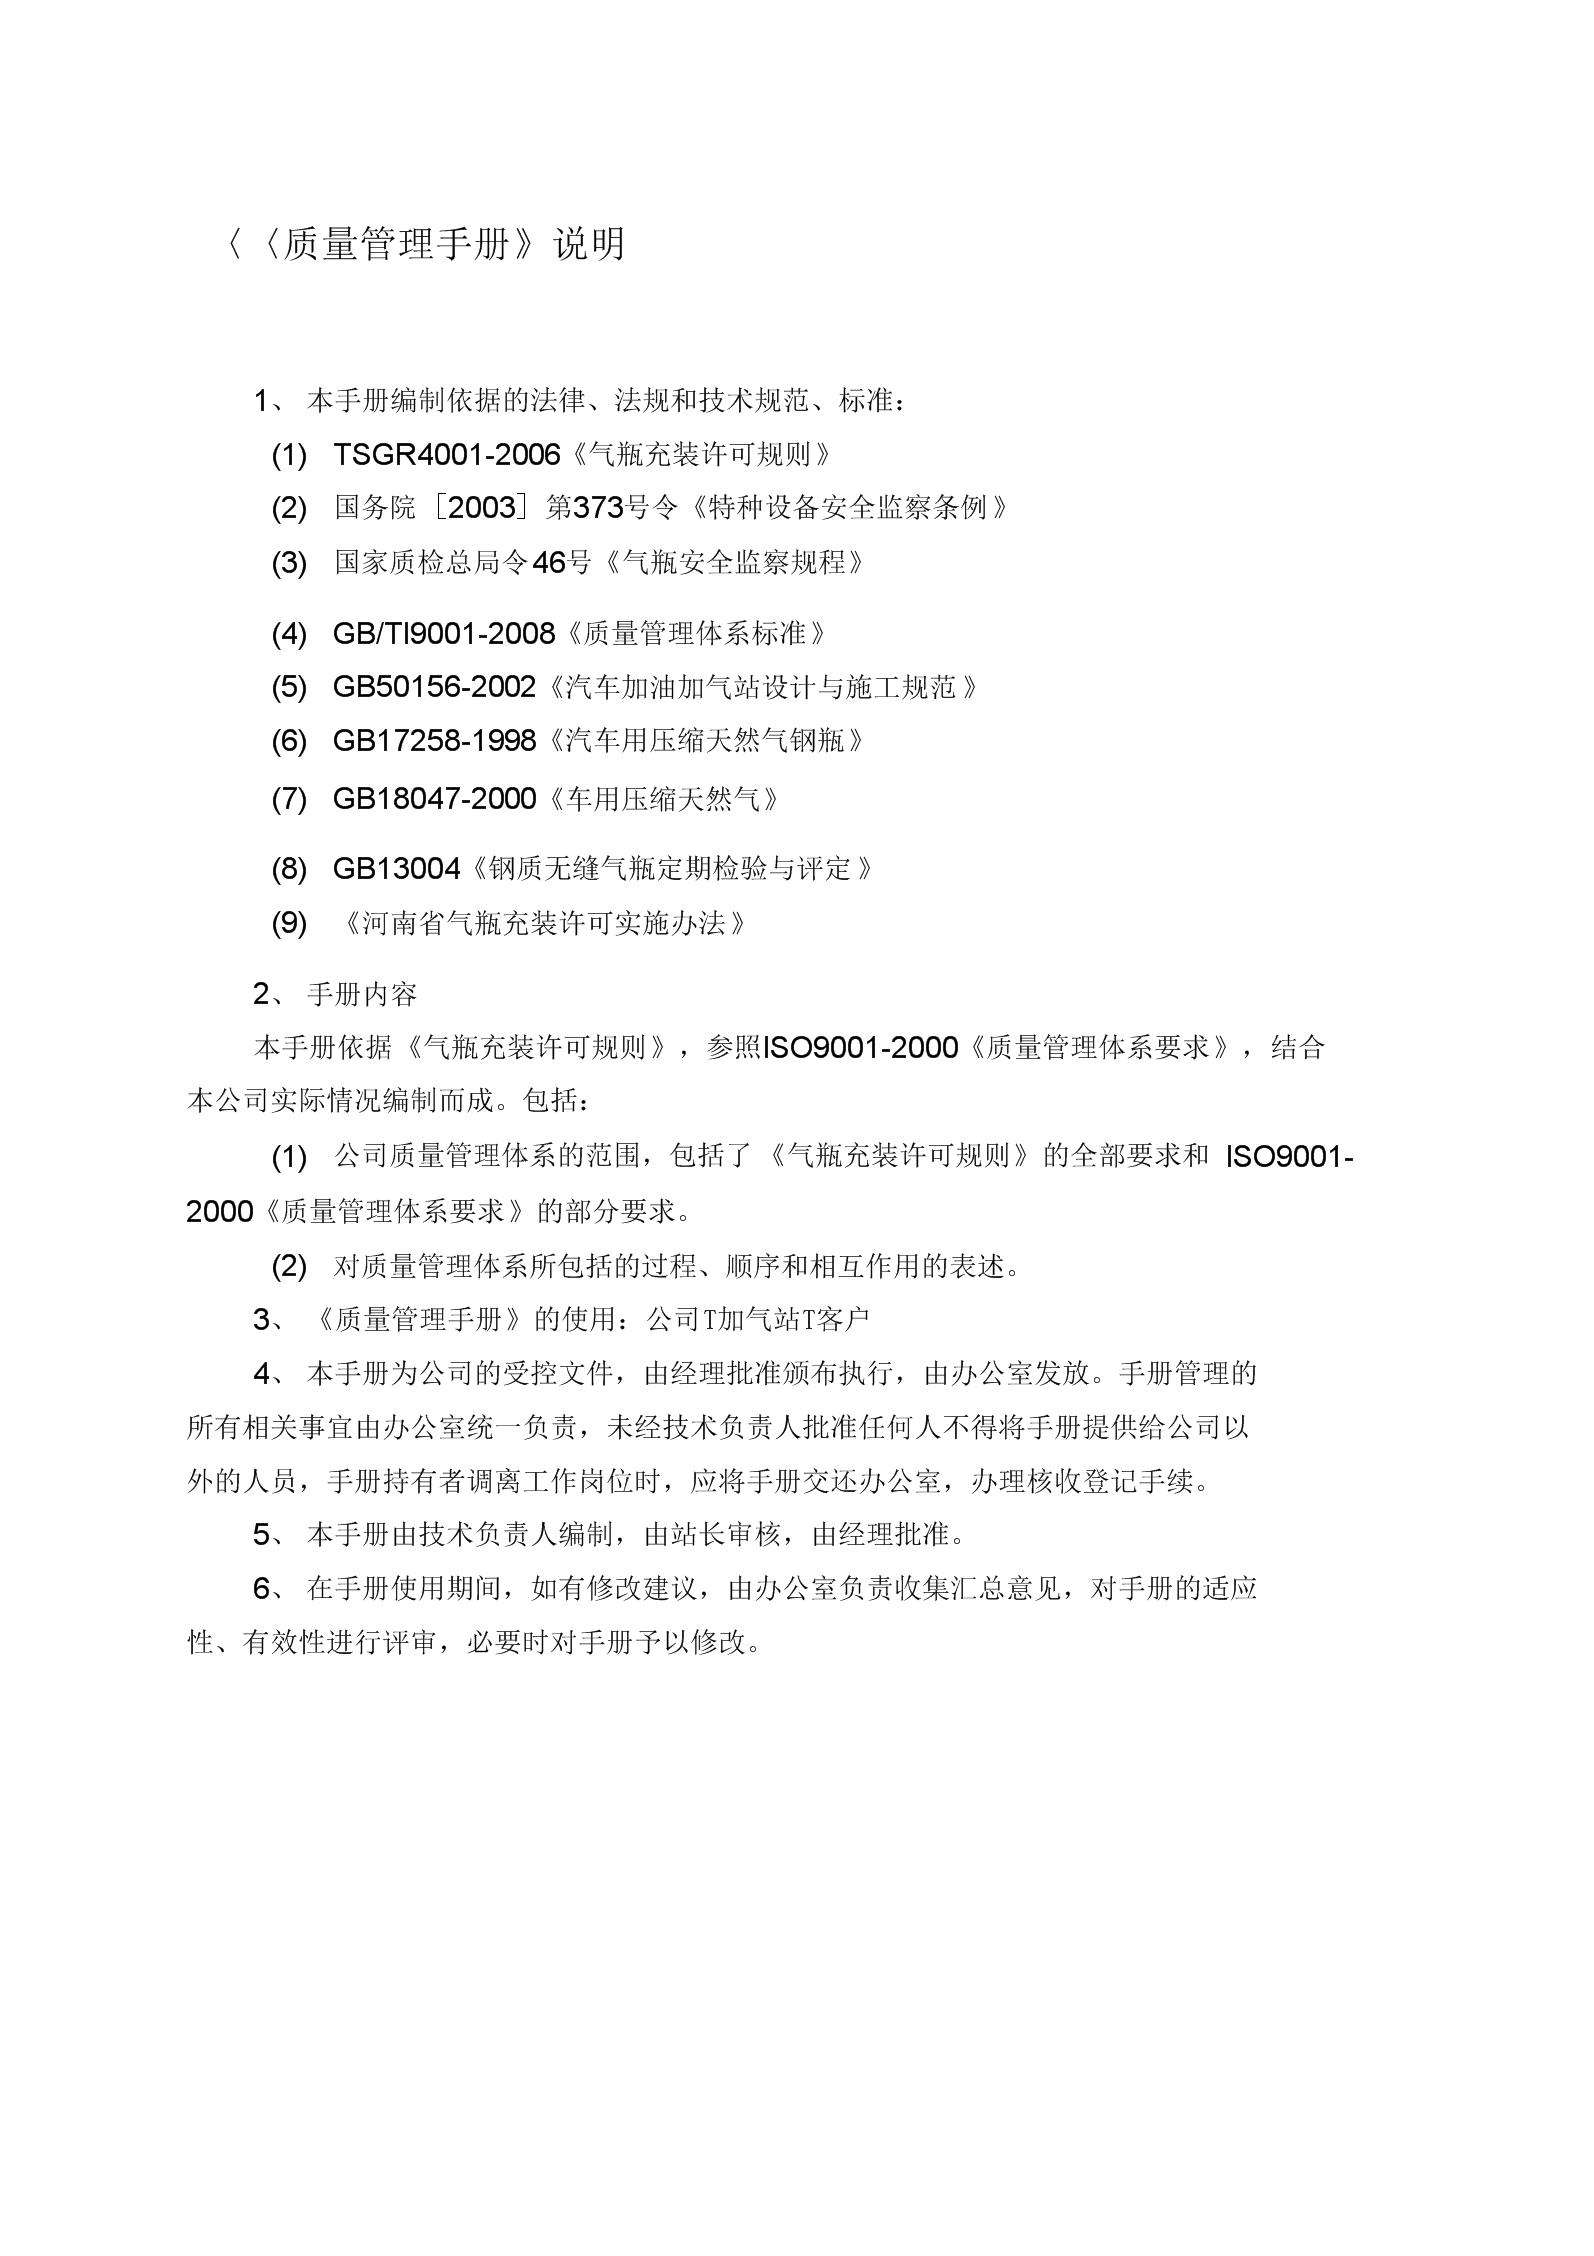 广润燃气质量管理手册下半部分.docx